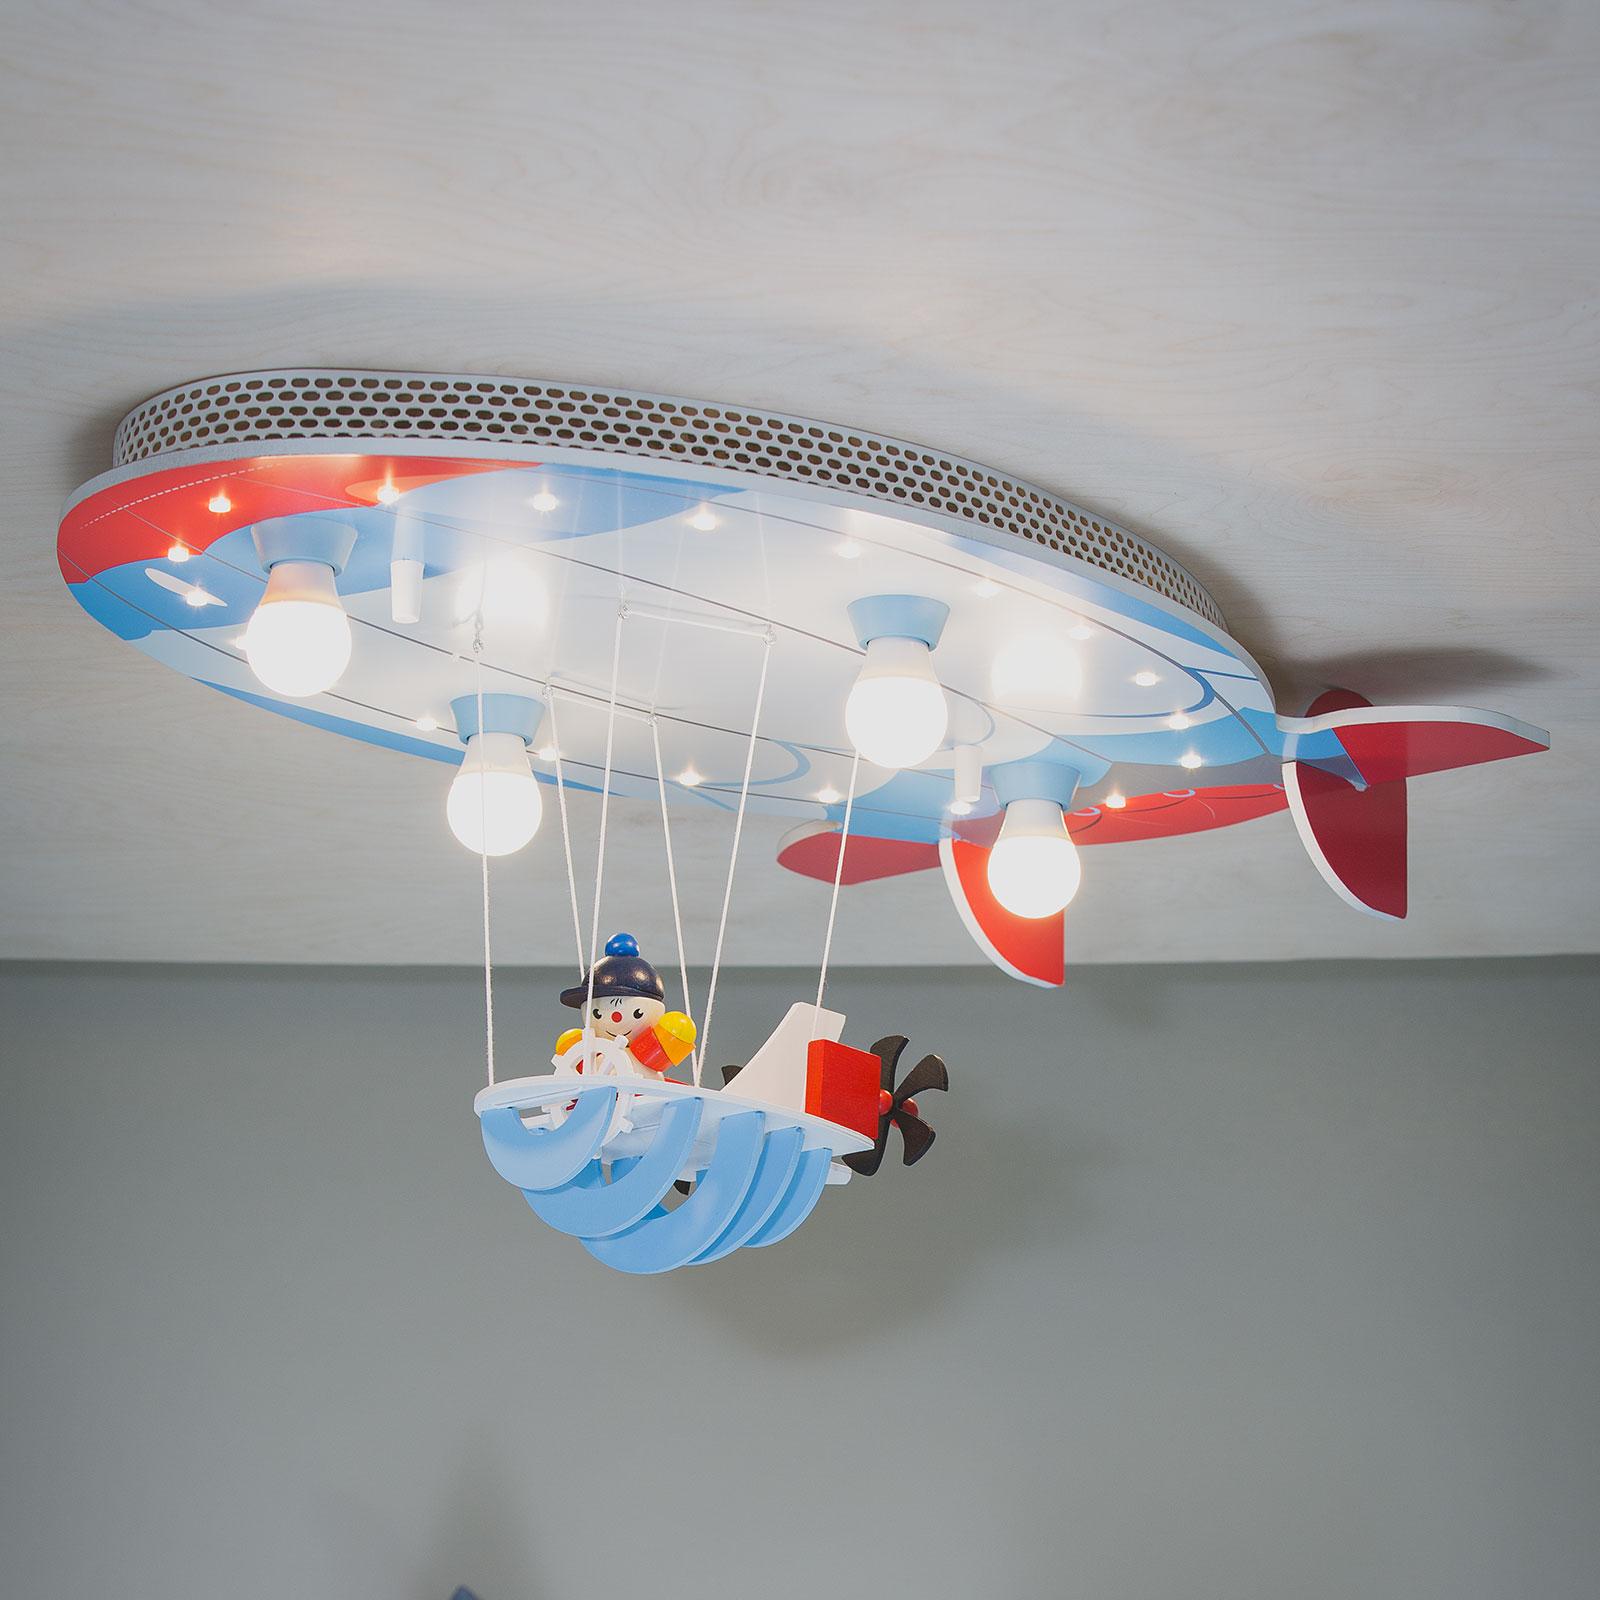 Plafondlamp luchtschip met Joe, blauw-rood-wit